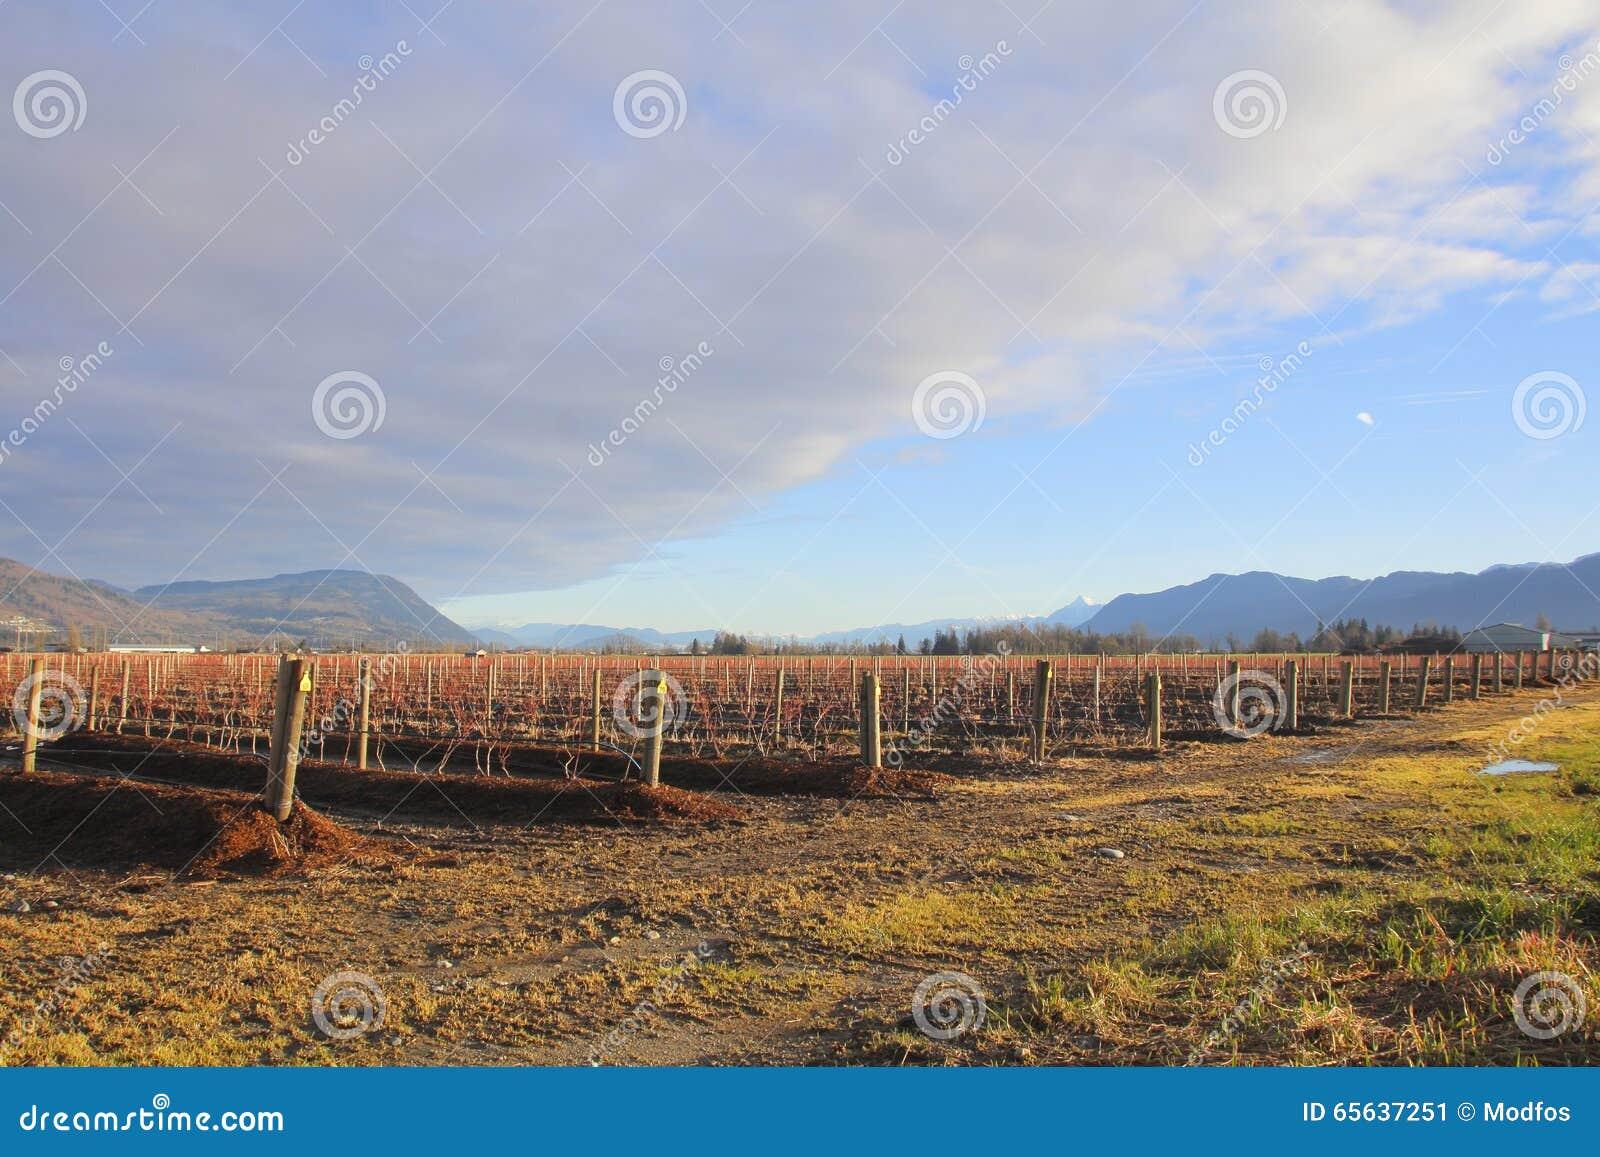 Nuages de pluie se déplaçant au-dessus de la terre agricole